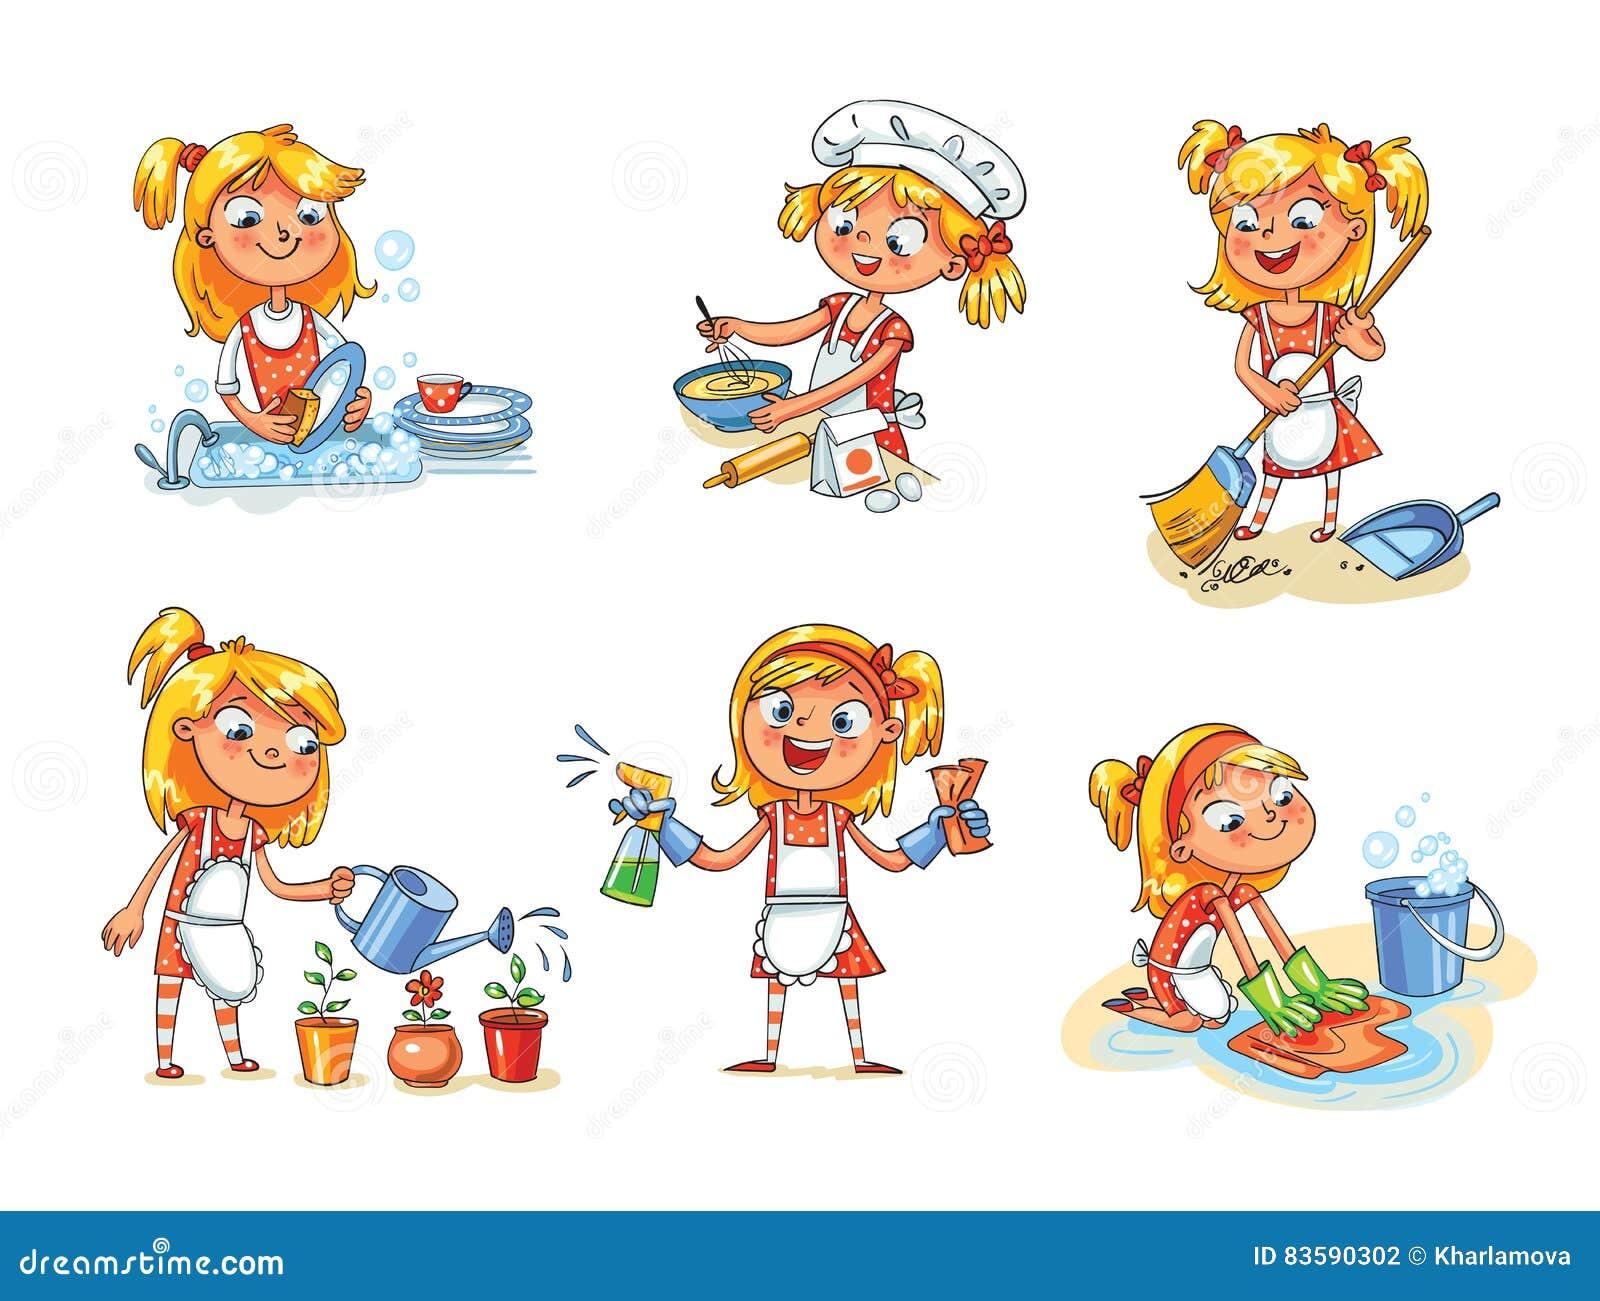 Nettoyage de chambre la fille est occup e la maison for 7 a la maison personnage